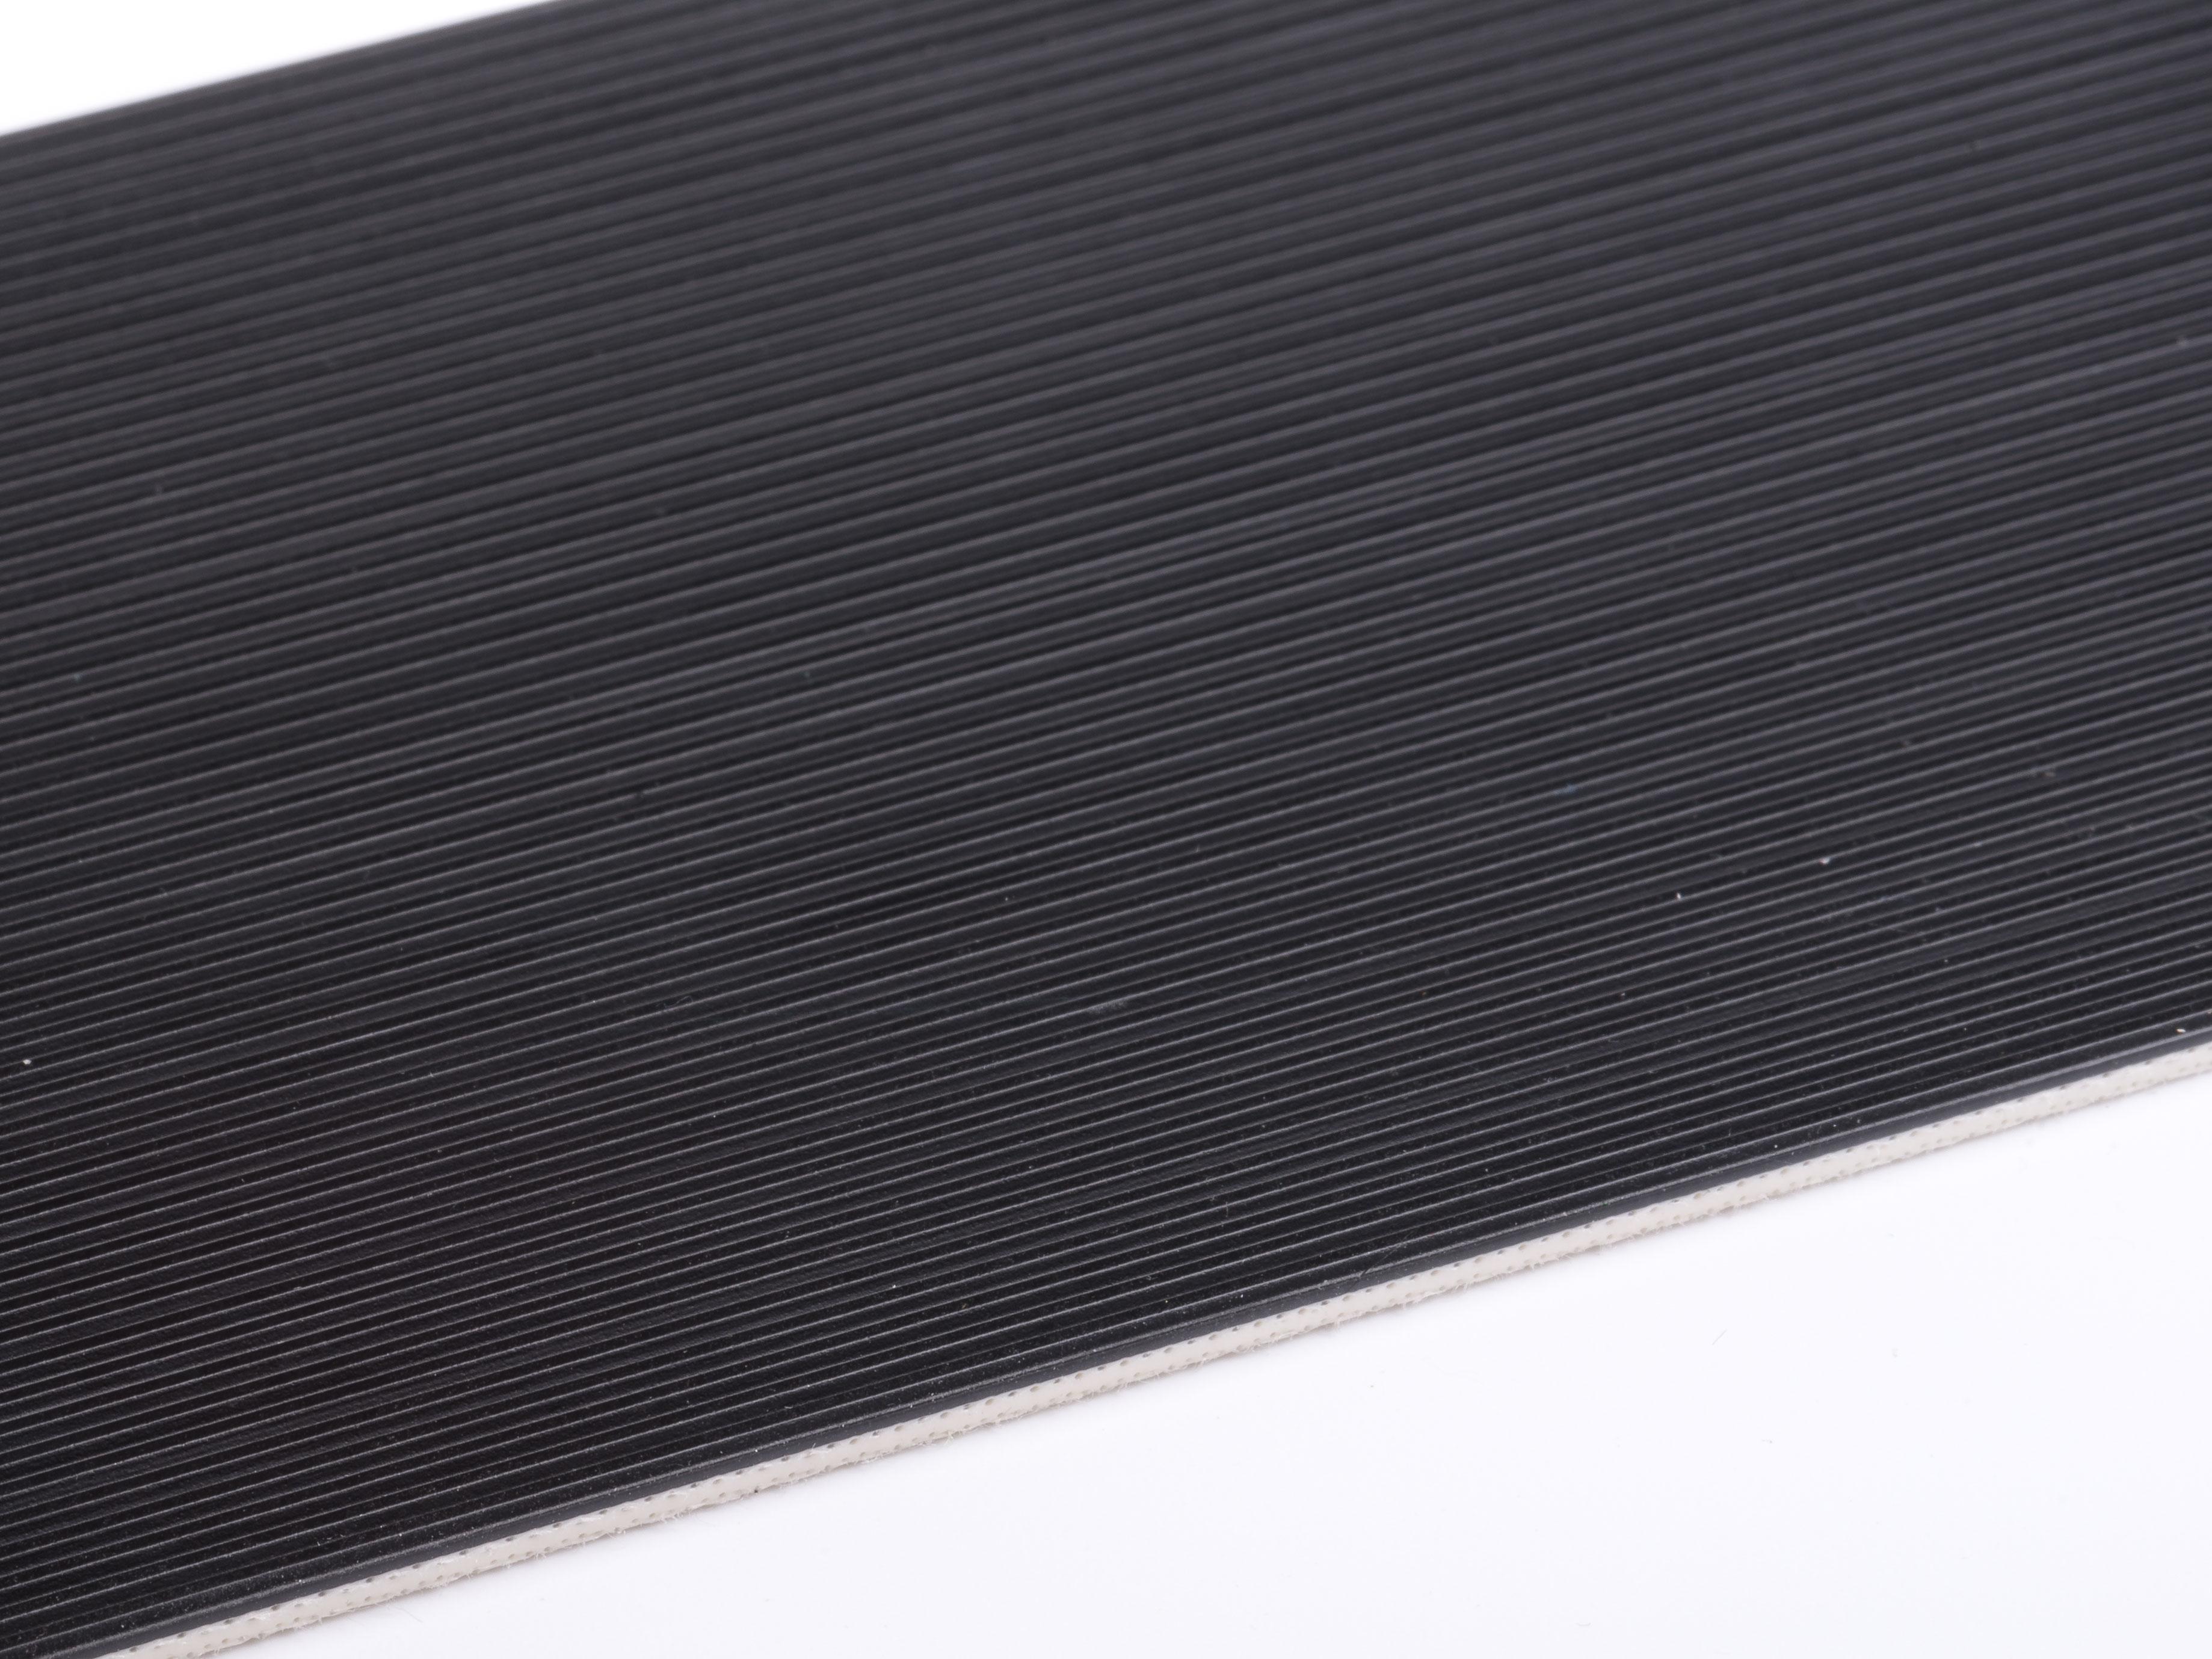 E 8/2 U0/V15 LG-SE schwarz